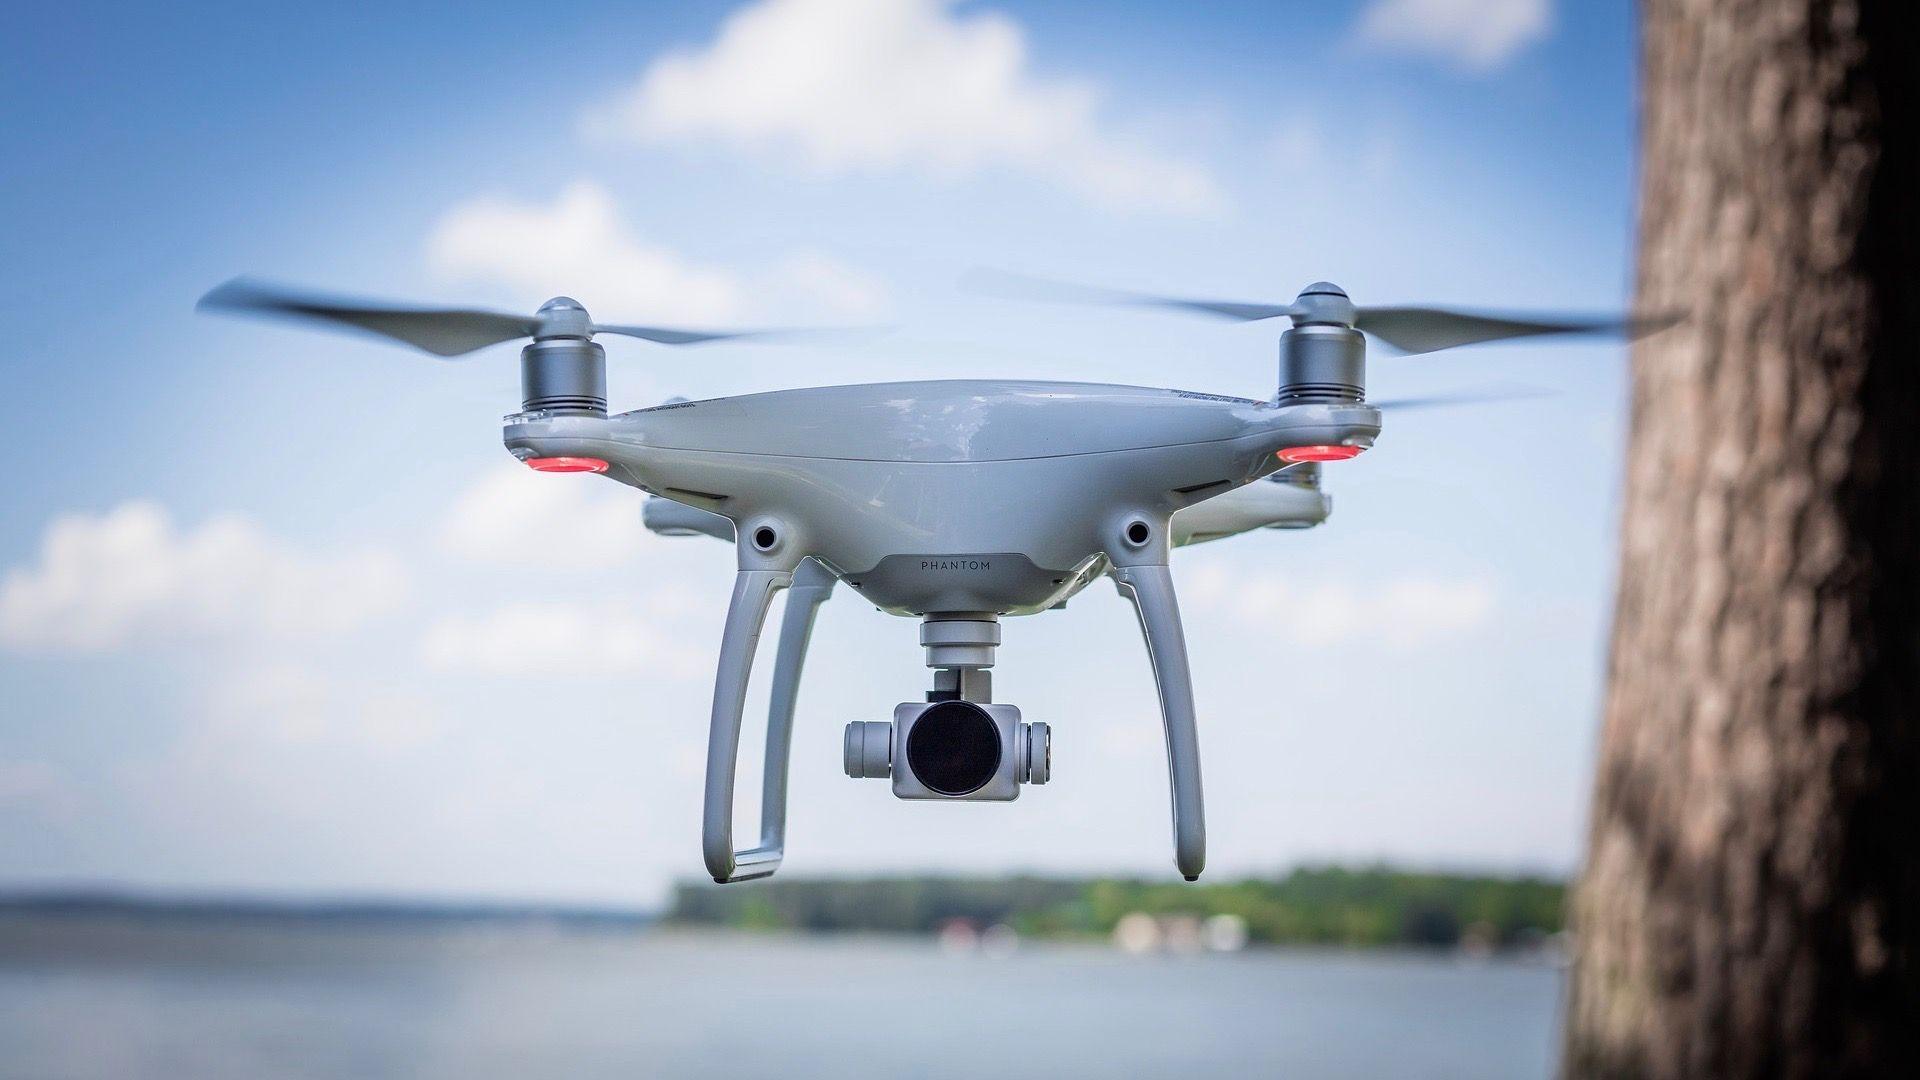 Drone hd wallpaper 1080p for pc